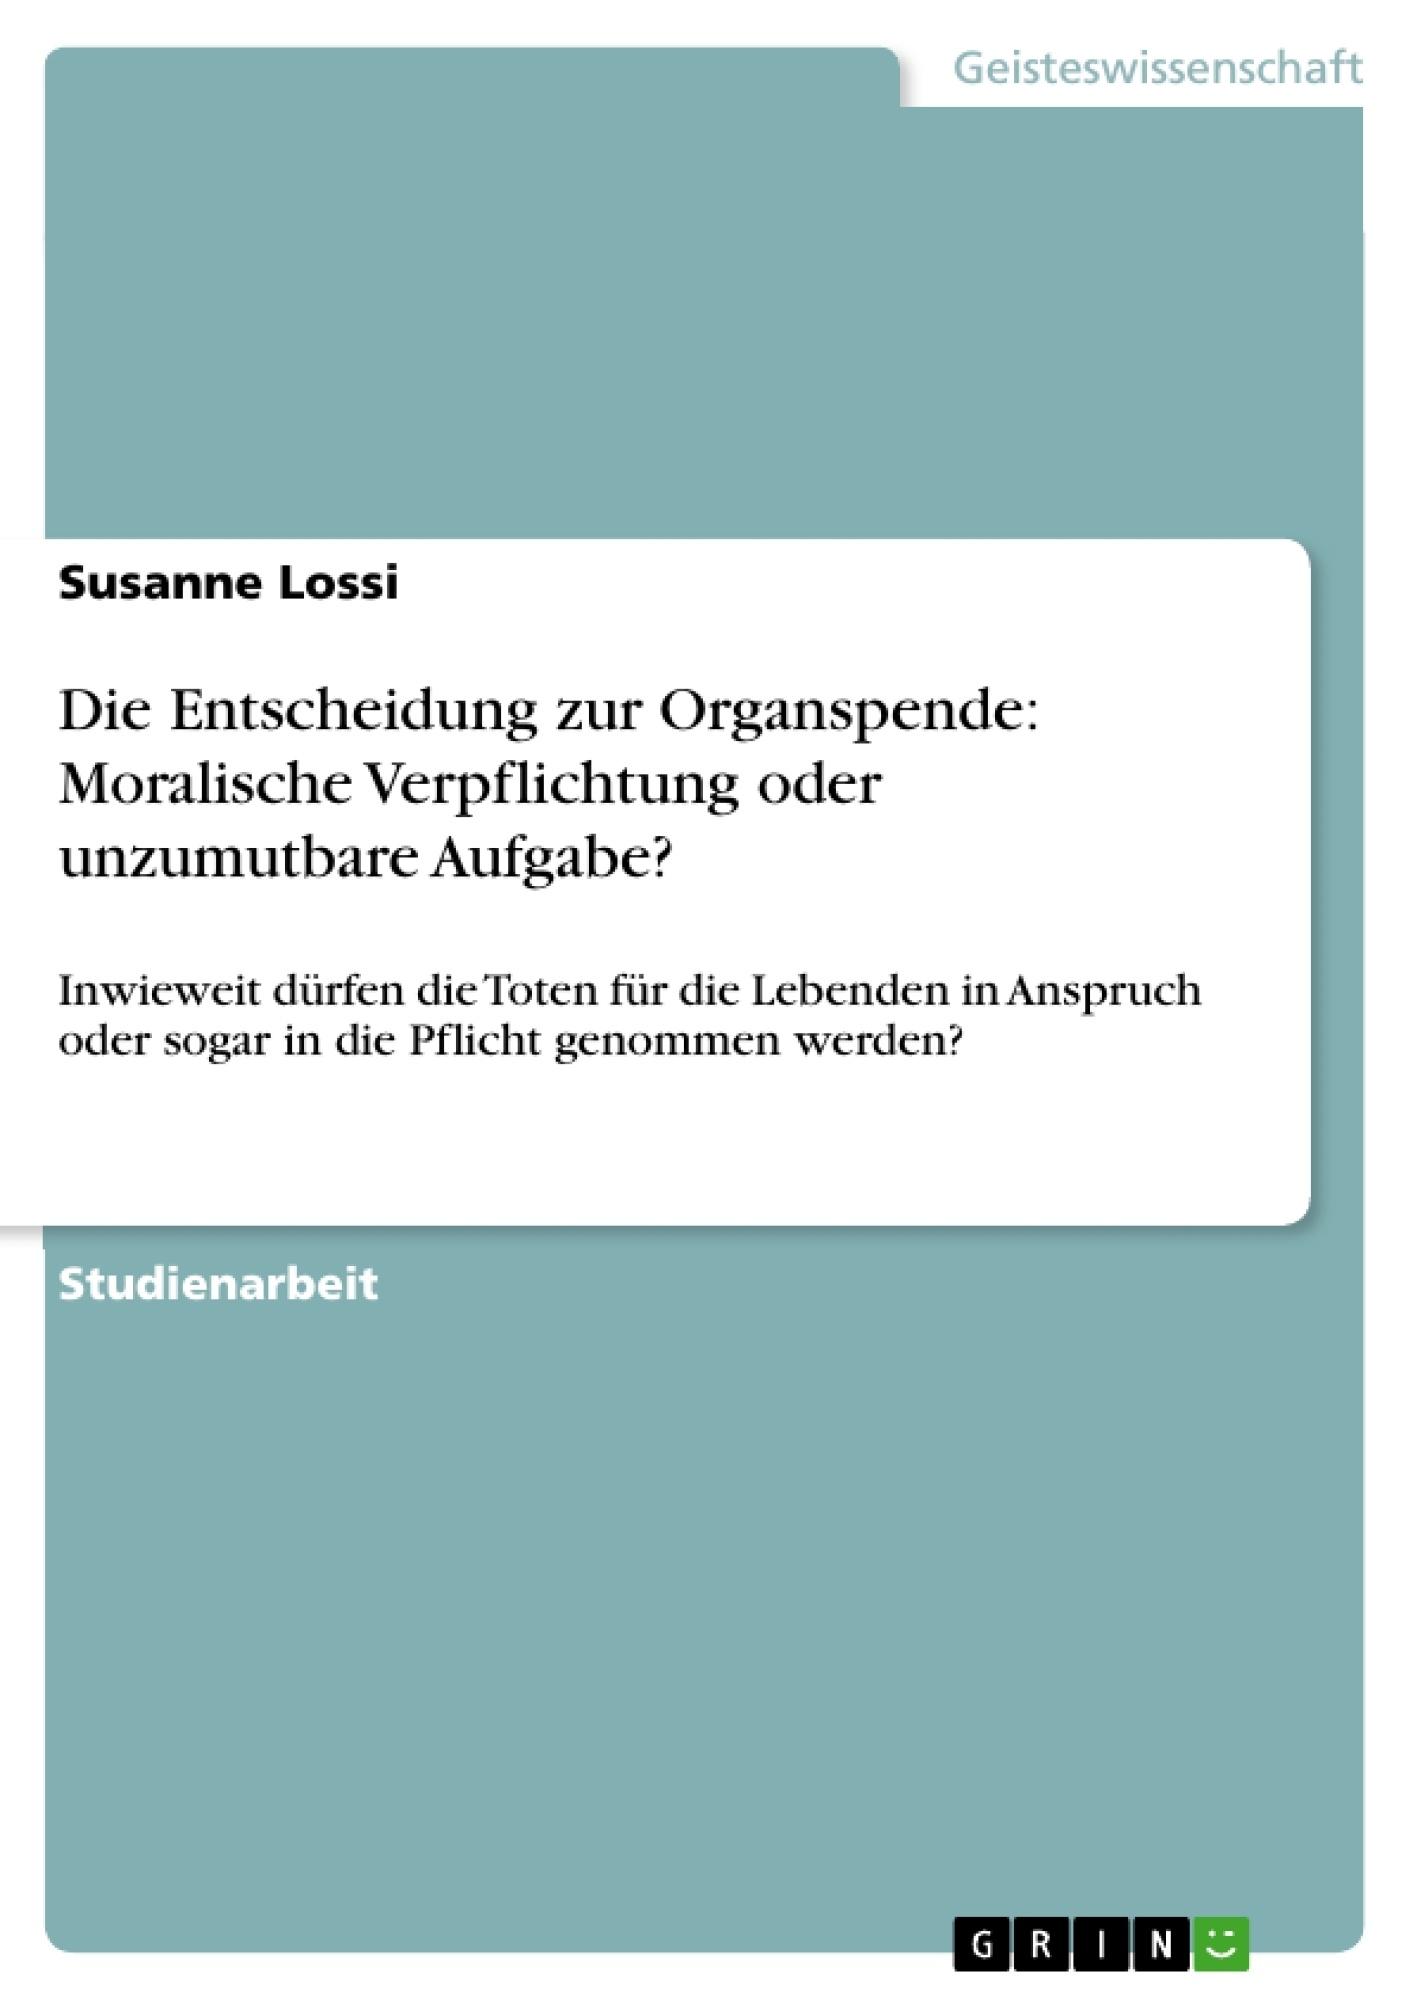 Titel: Die Entscheidung zur Organspende: Moralische Verpflichtung oder unzumutbare Aufgabe?